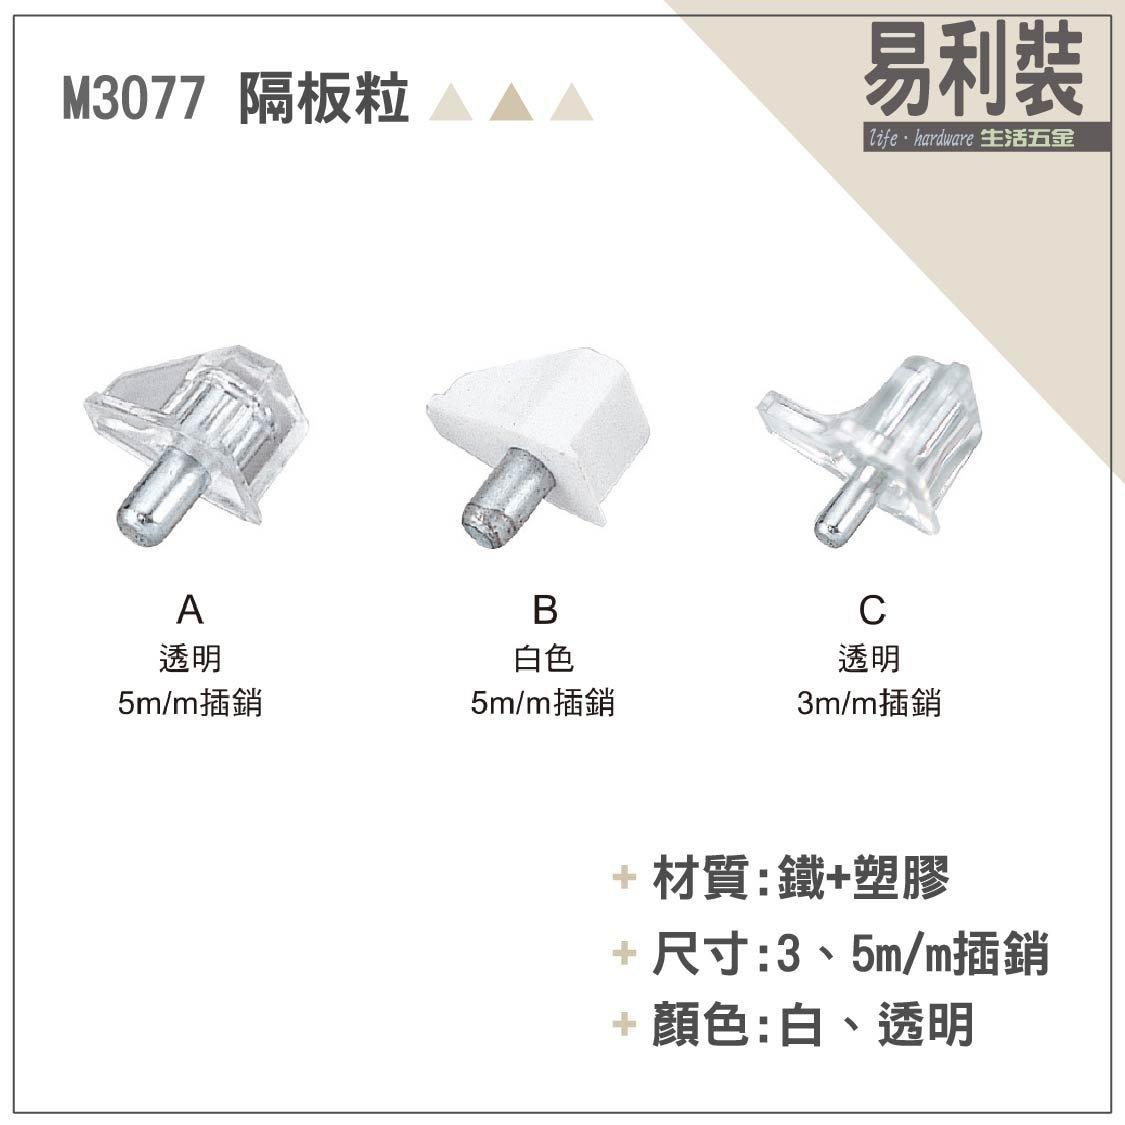 M3077_5mm(白色) 隔板粒 1包50顆 易利裝 活格粒 活隔粒 玻璃 層板 隔板 格粒